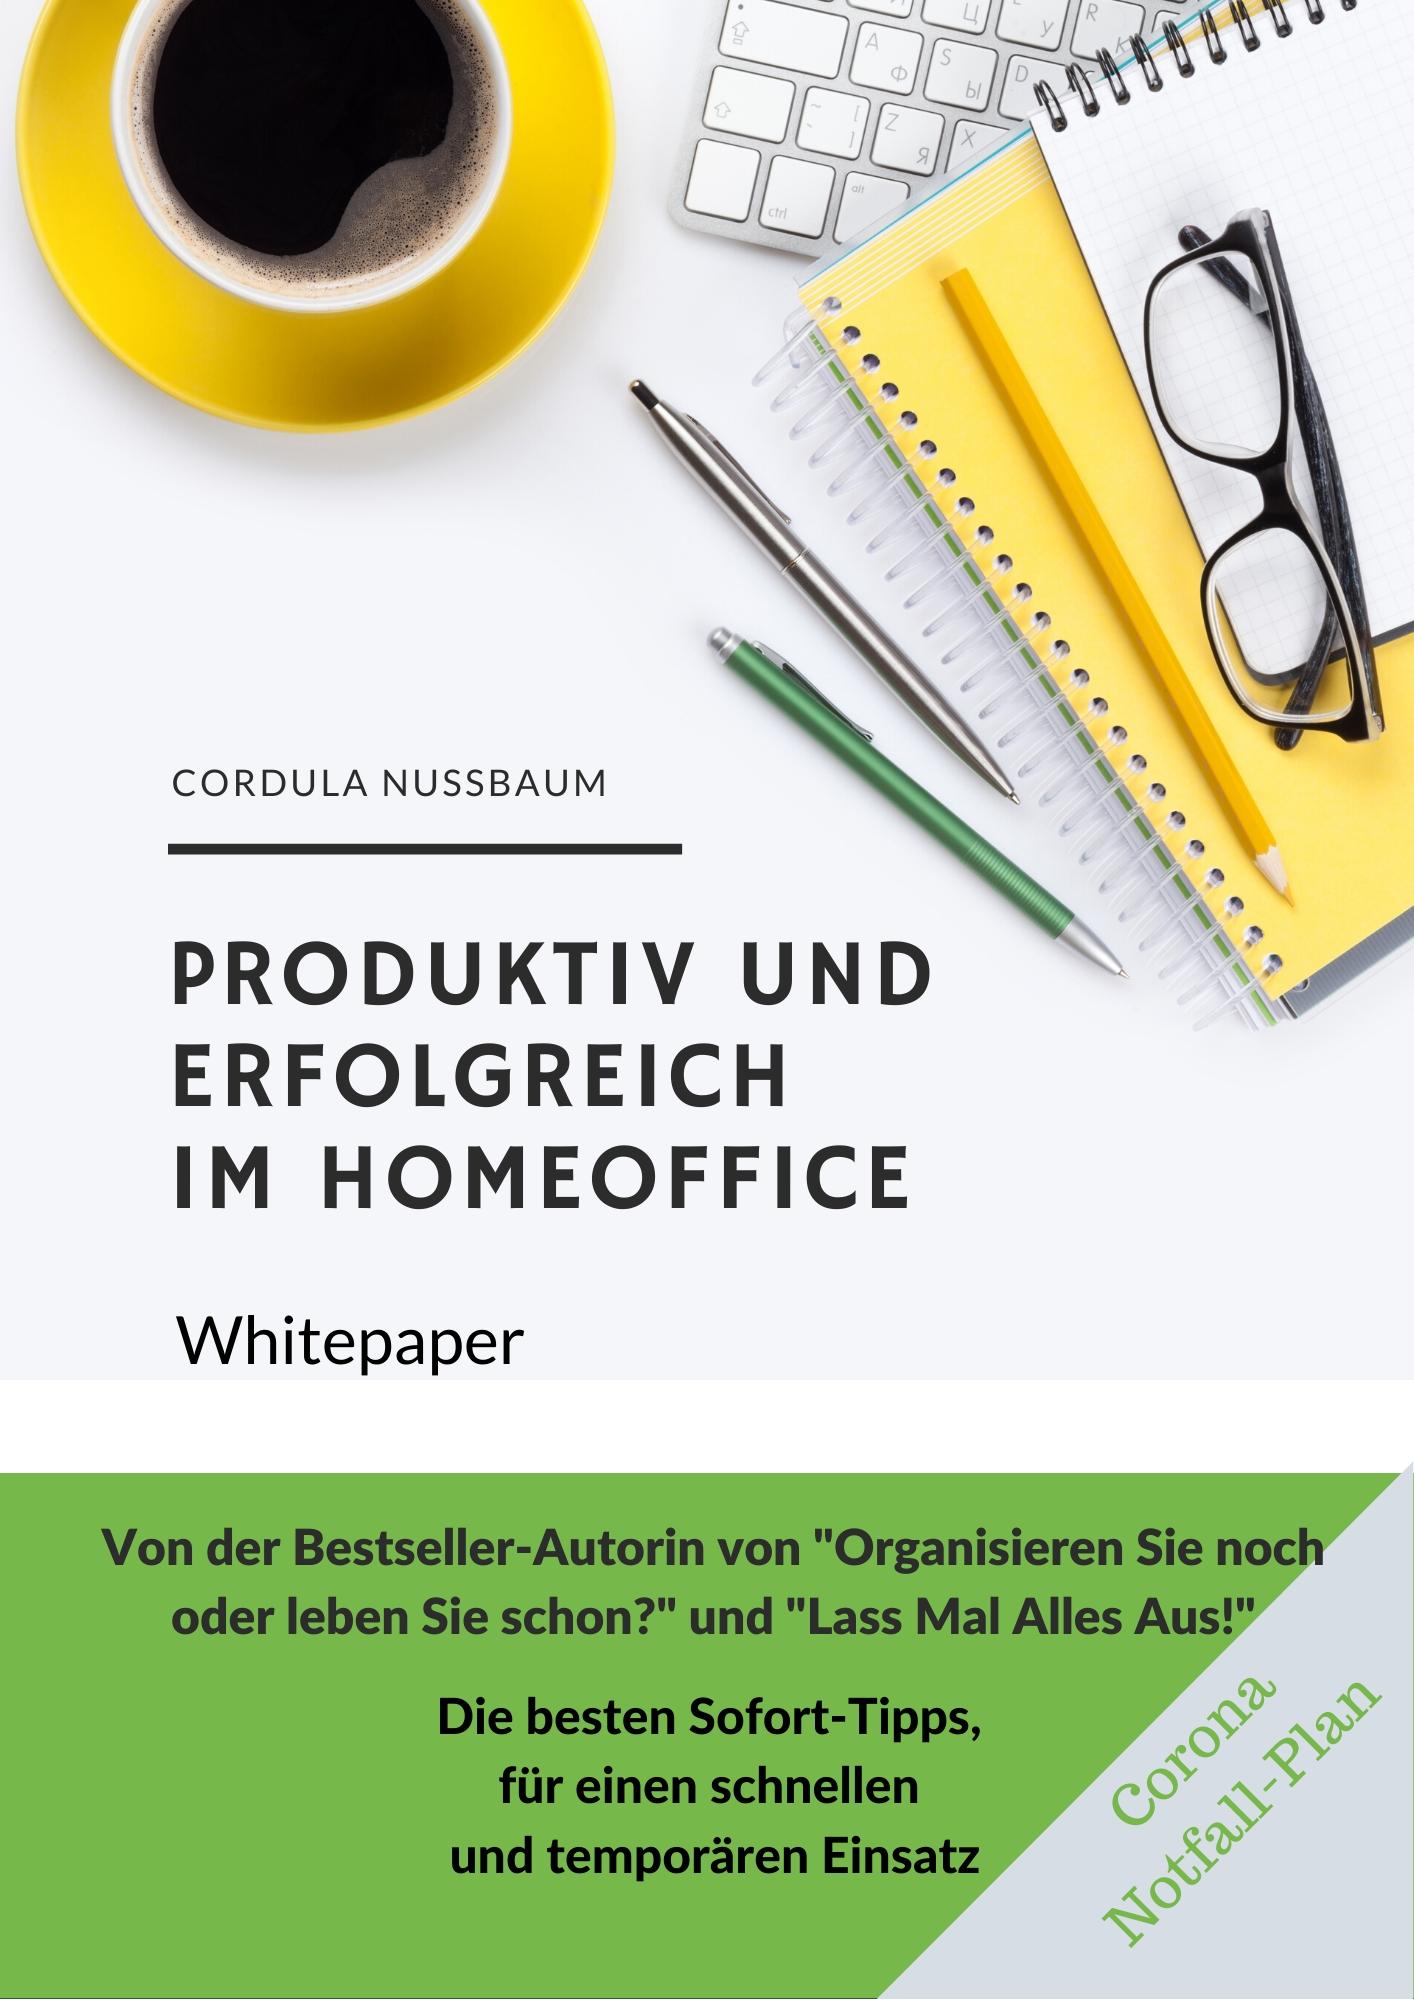 homeoffice home-office effektiv und produktiv arbeiten tipps whitepaper